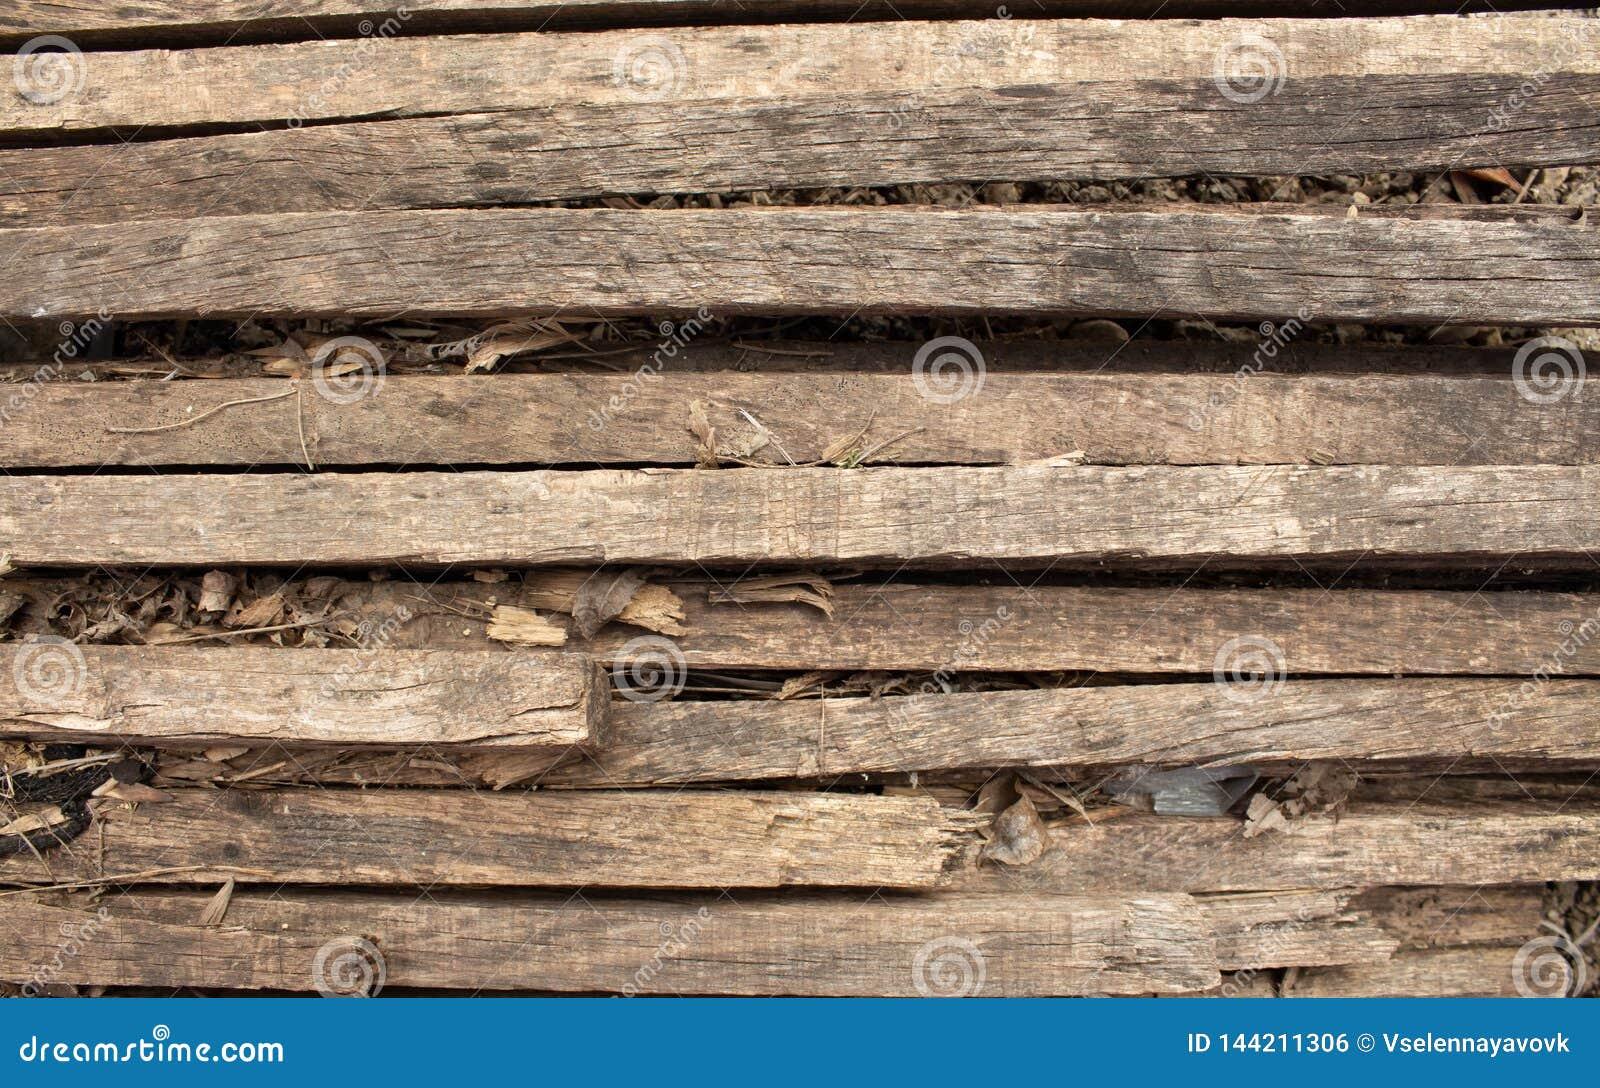 Houten natuurlijke bruine achtergrond met littekens en patronen Houten latjes Gebrande boom